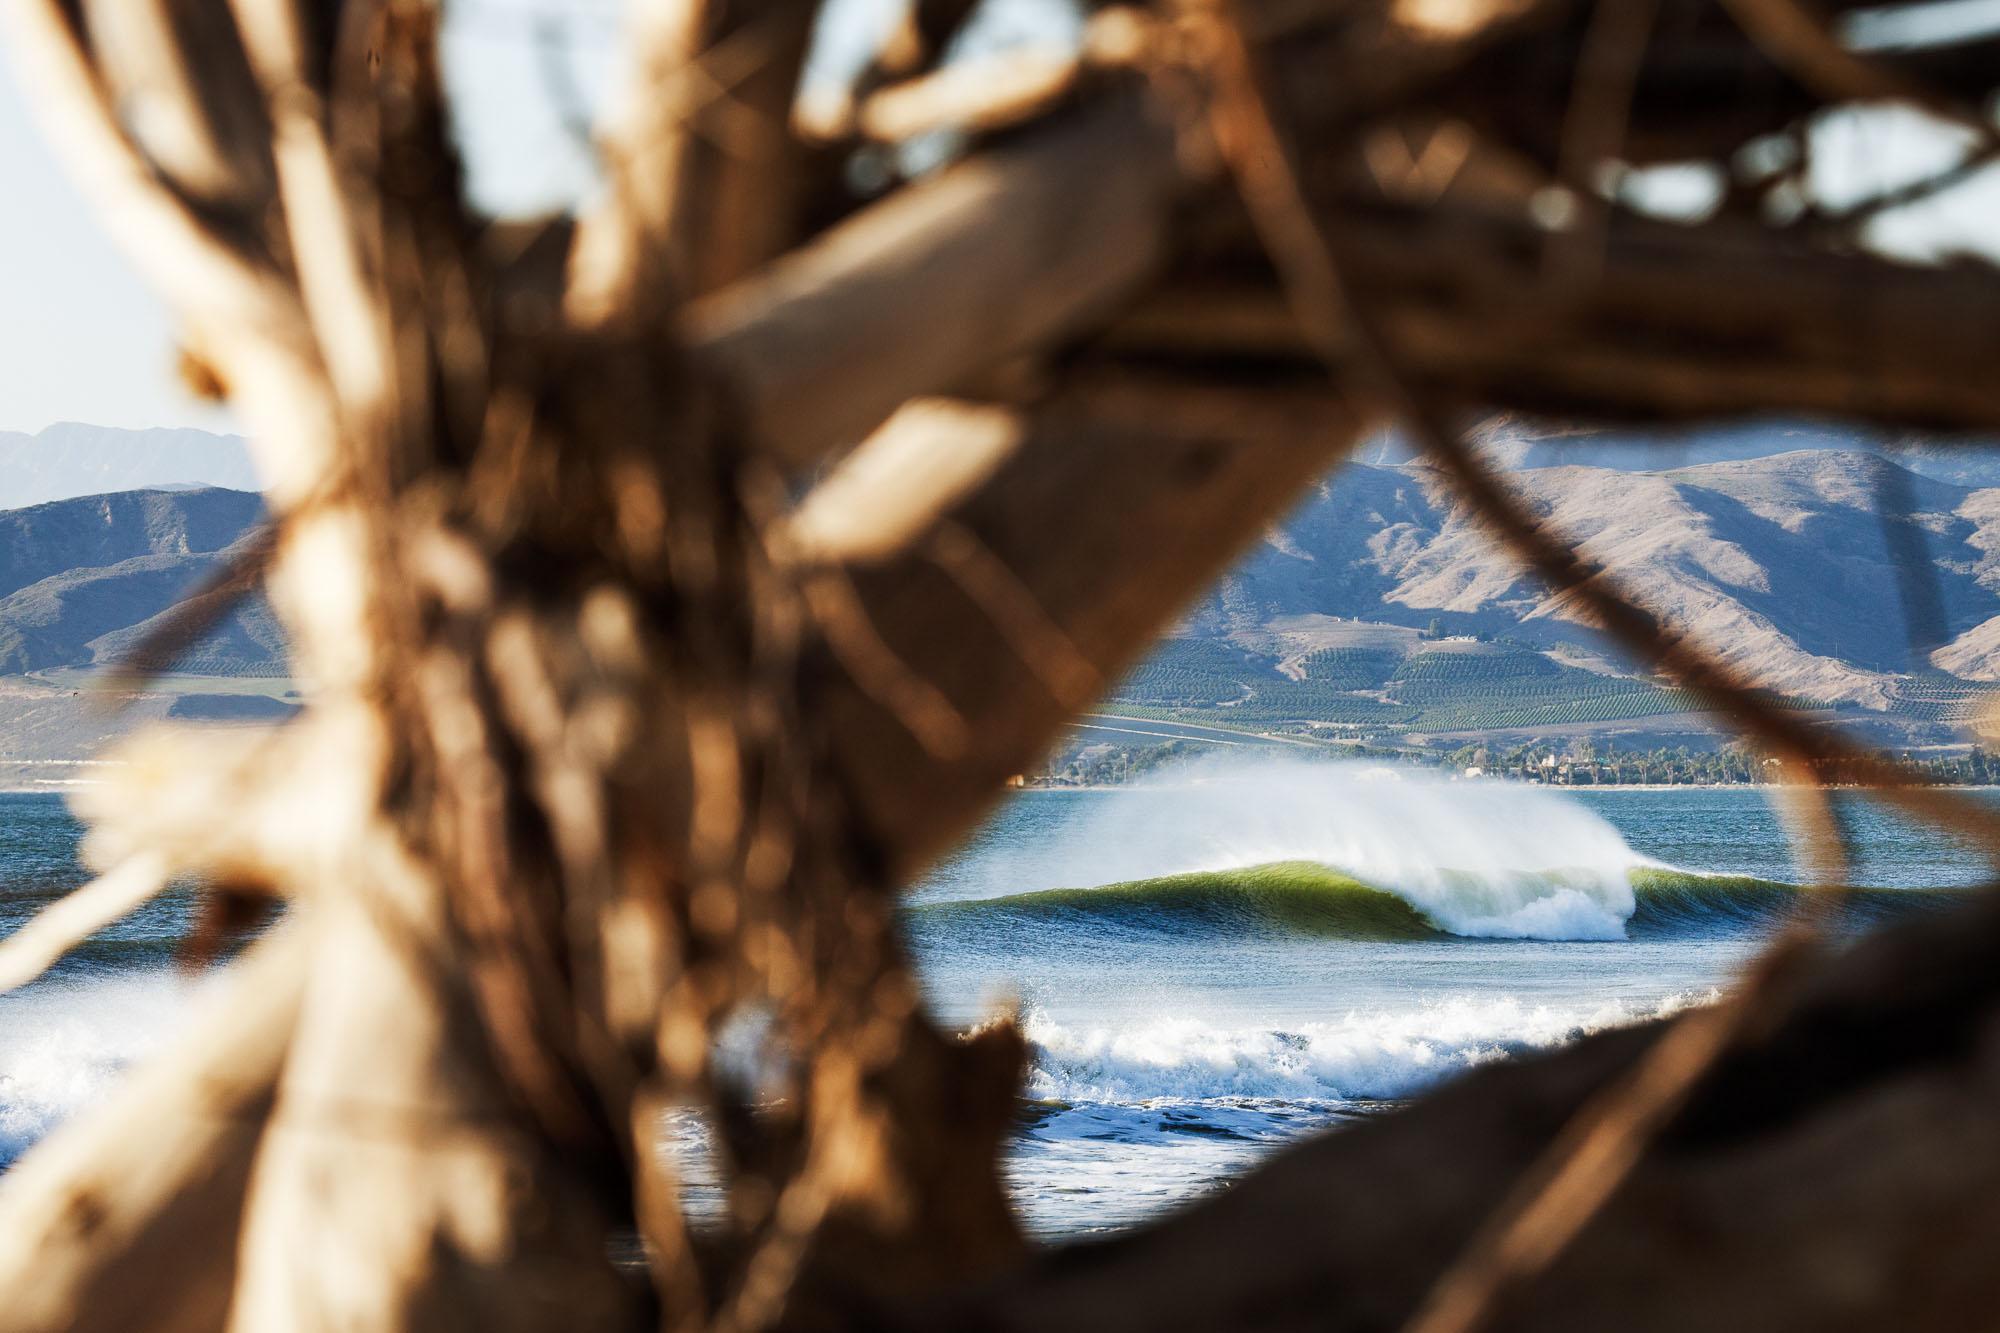 Ventura_tree_frame.jpg